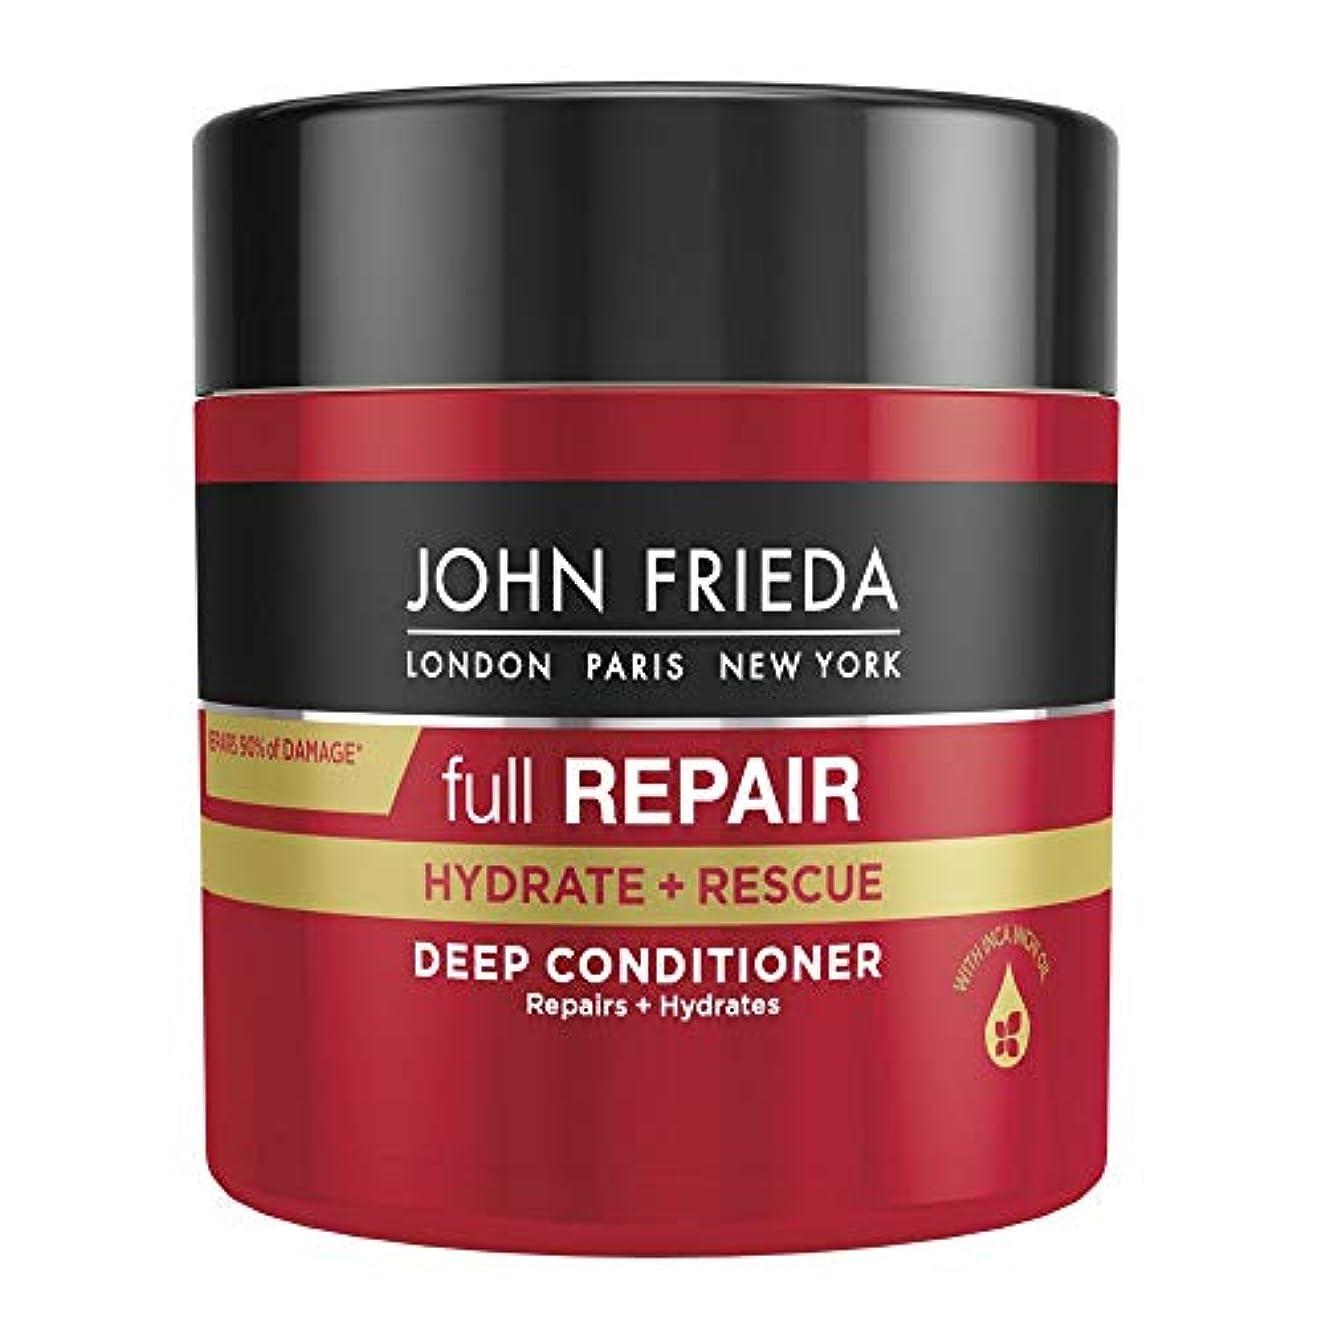 テザー防ぐ民族主義John Frieda? Full Repair(TM) Deep Conditioner 150ml